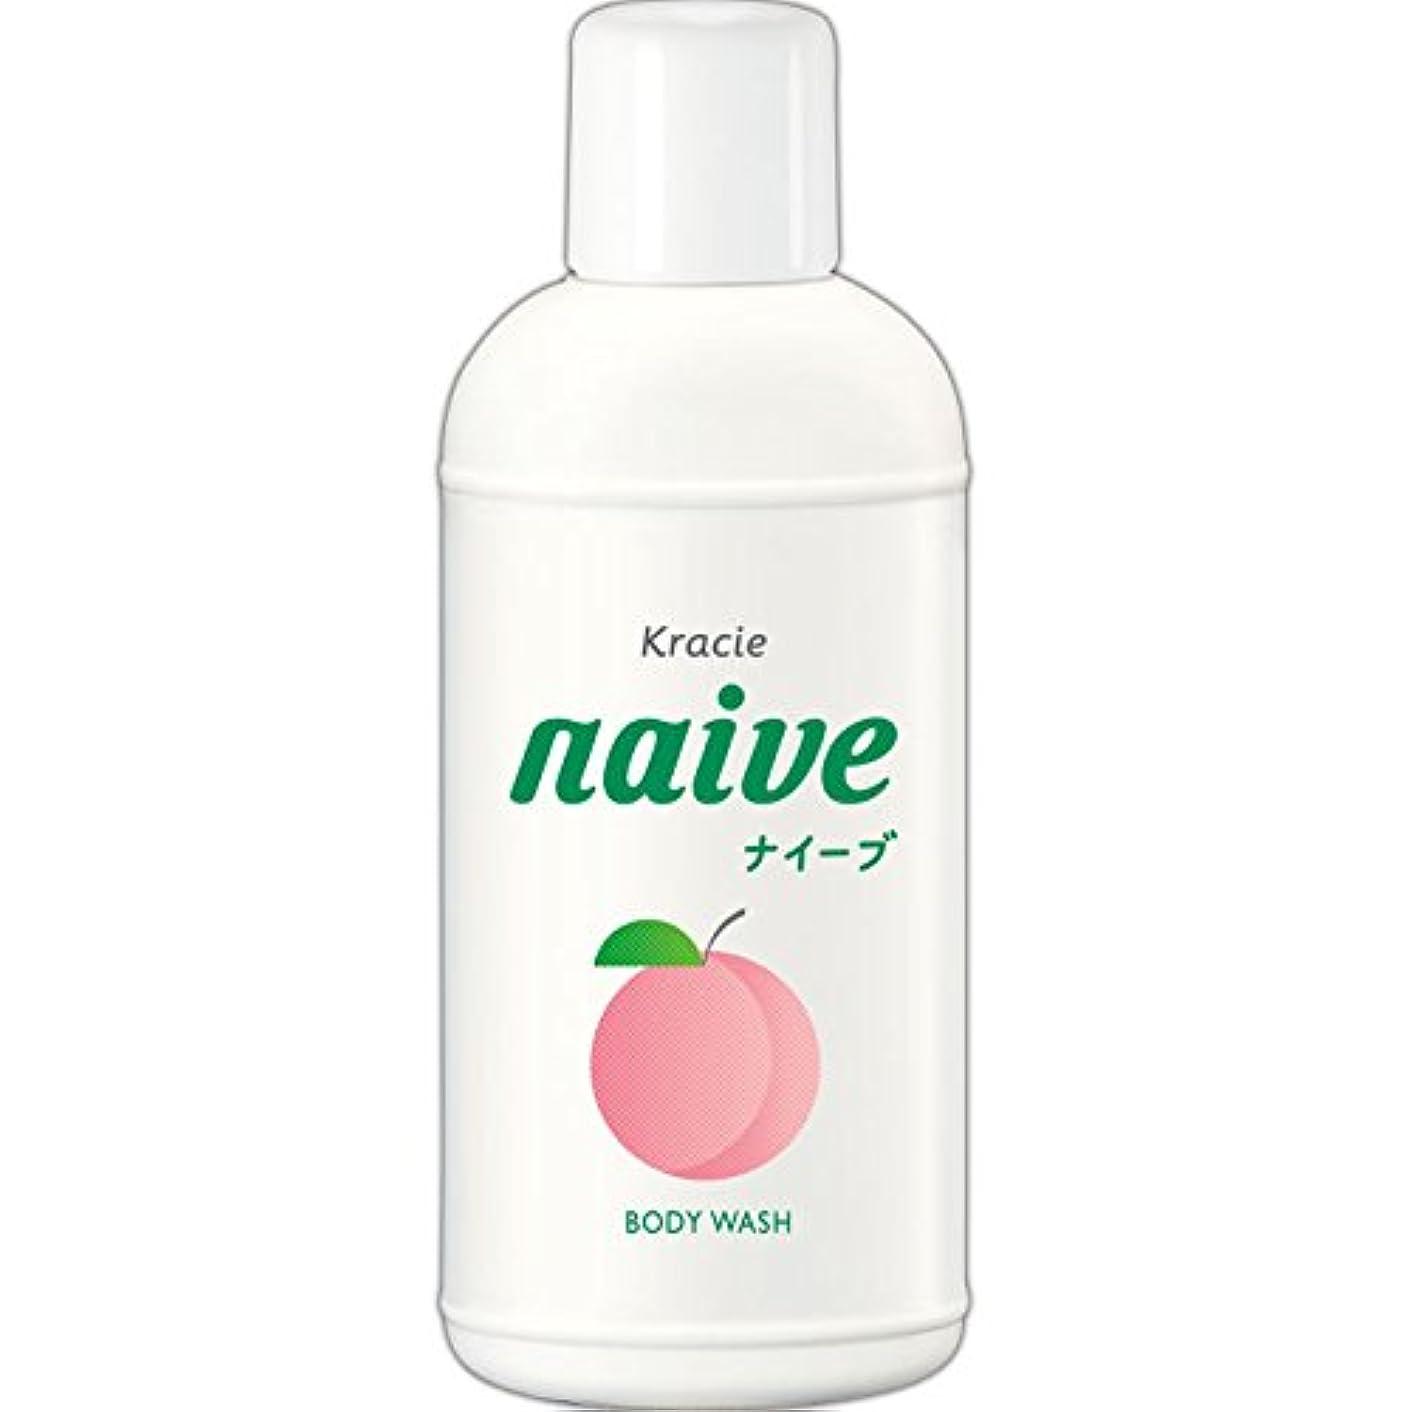 認識温室理想的にはナイーブ ボディソープ 桃の葉エキス配合 80ml